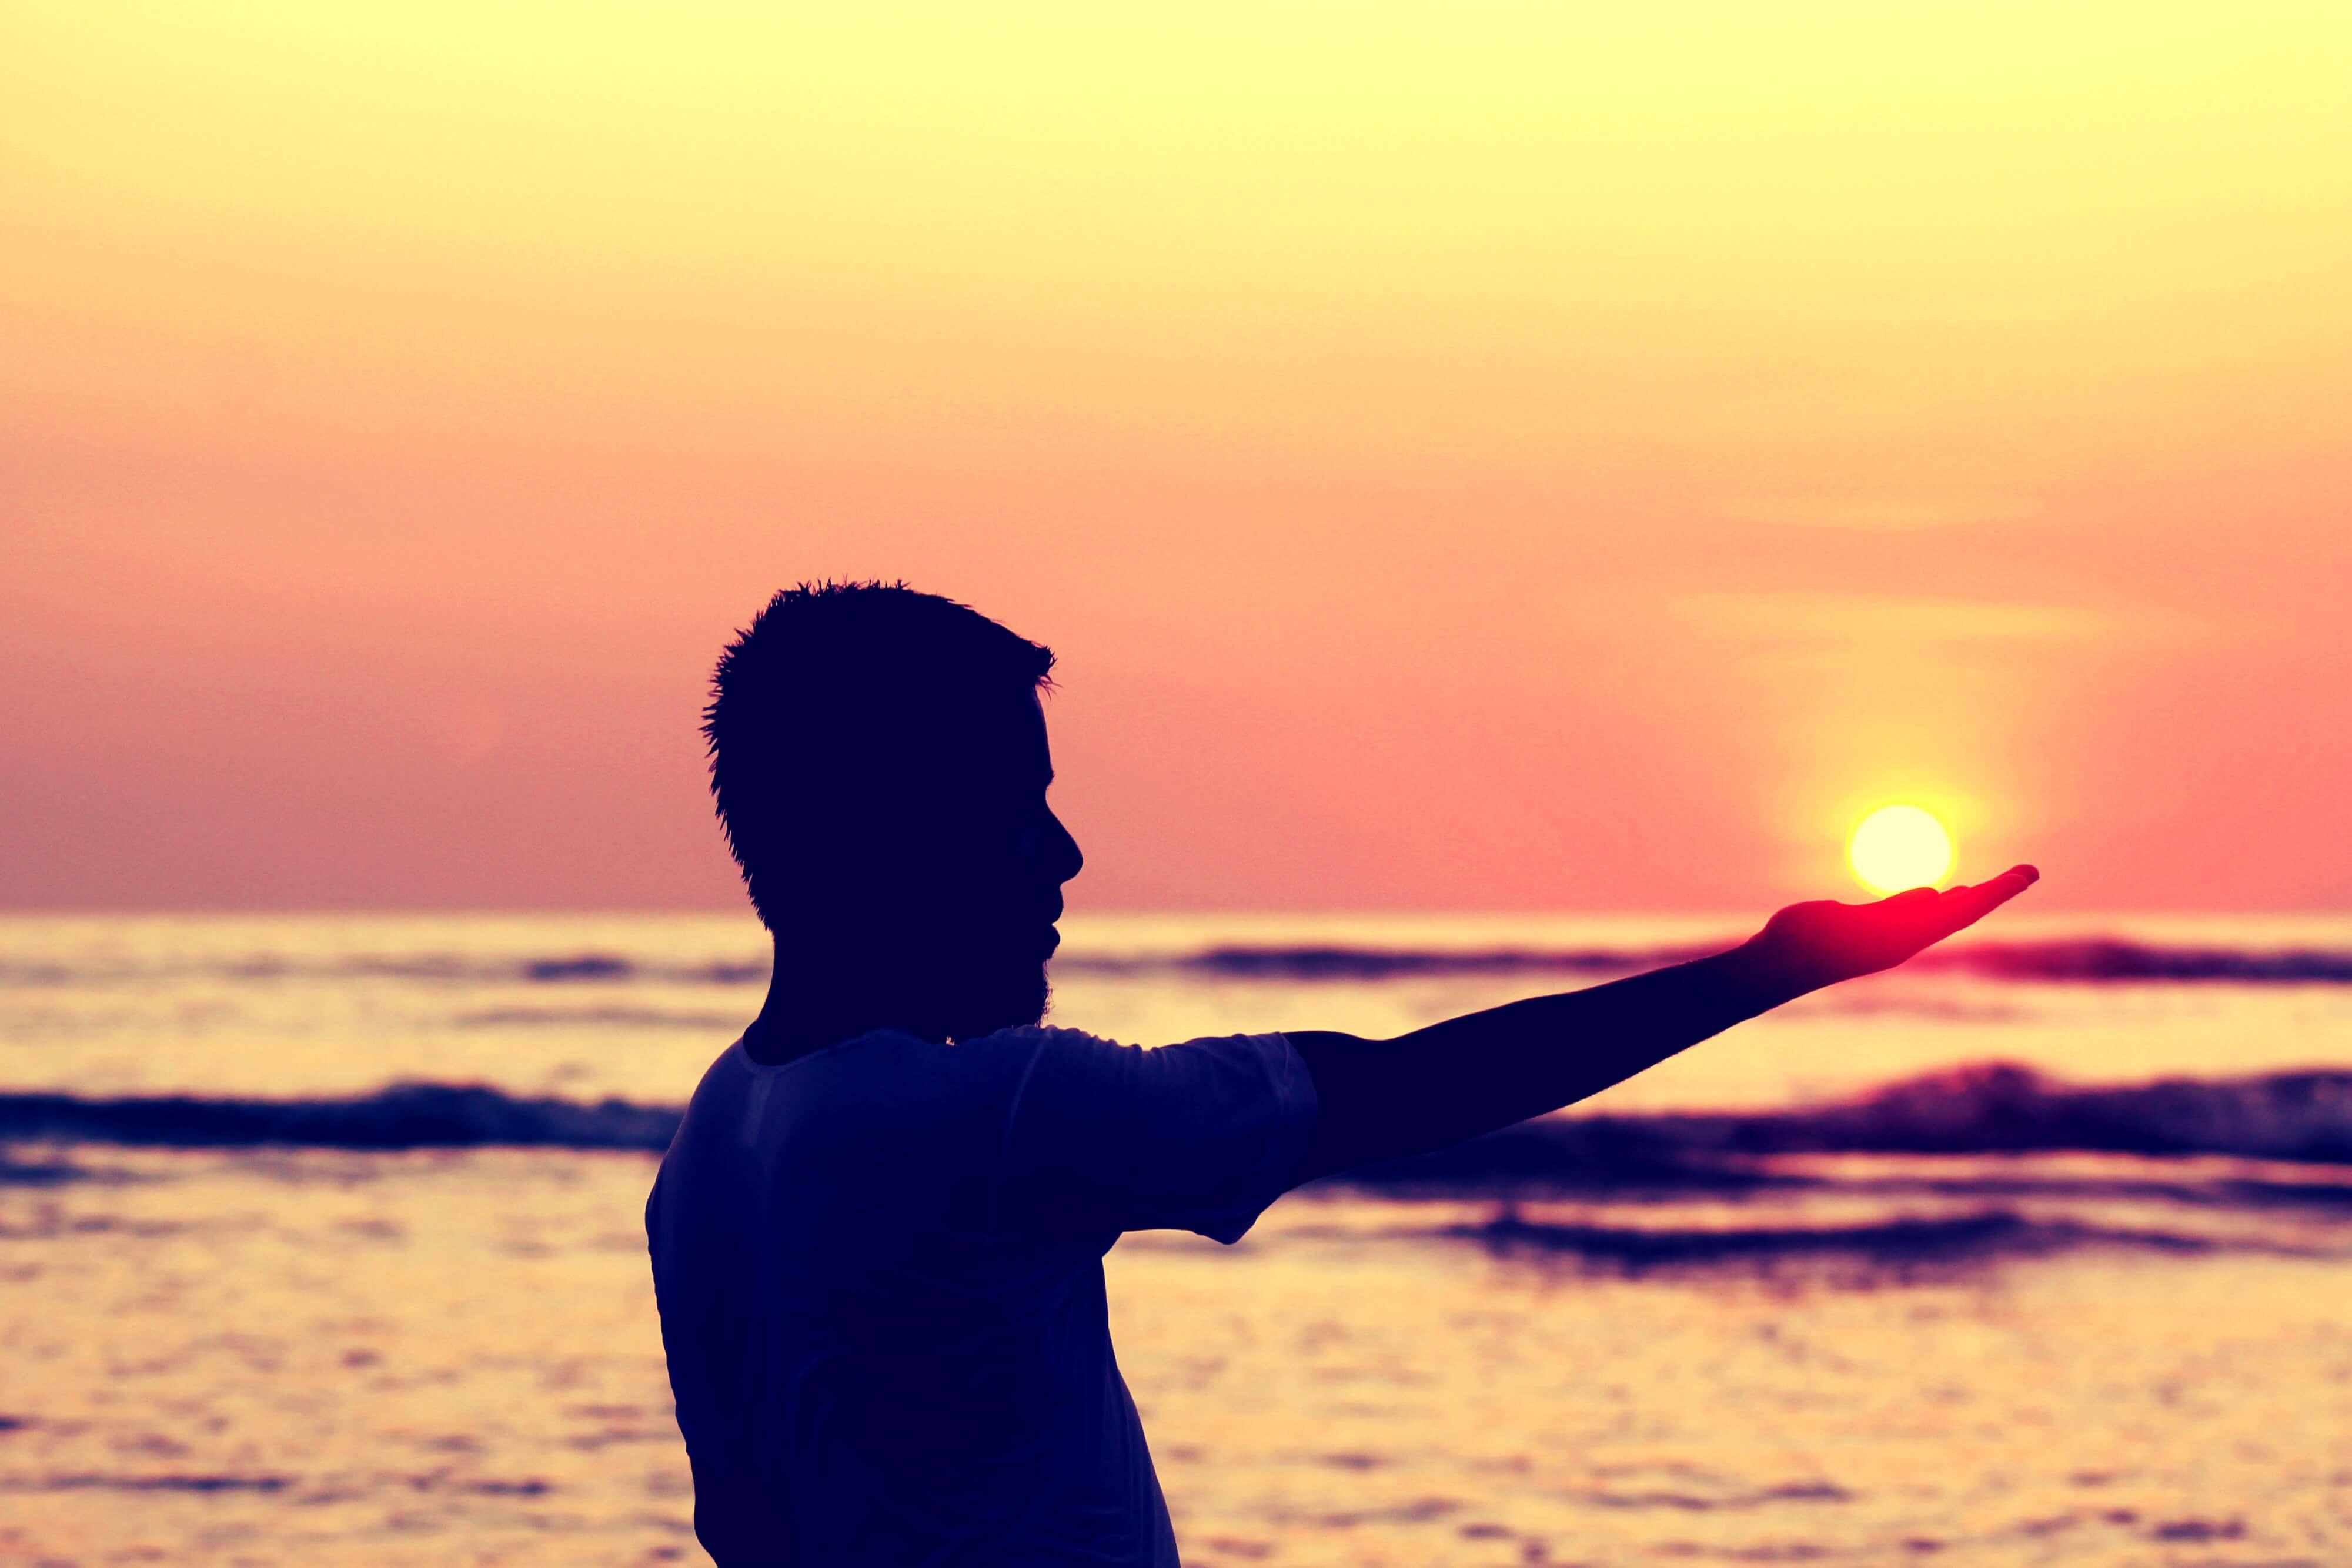 海辺で太陽をのせる男